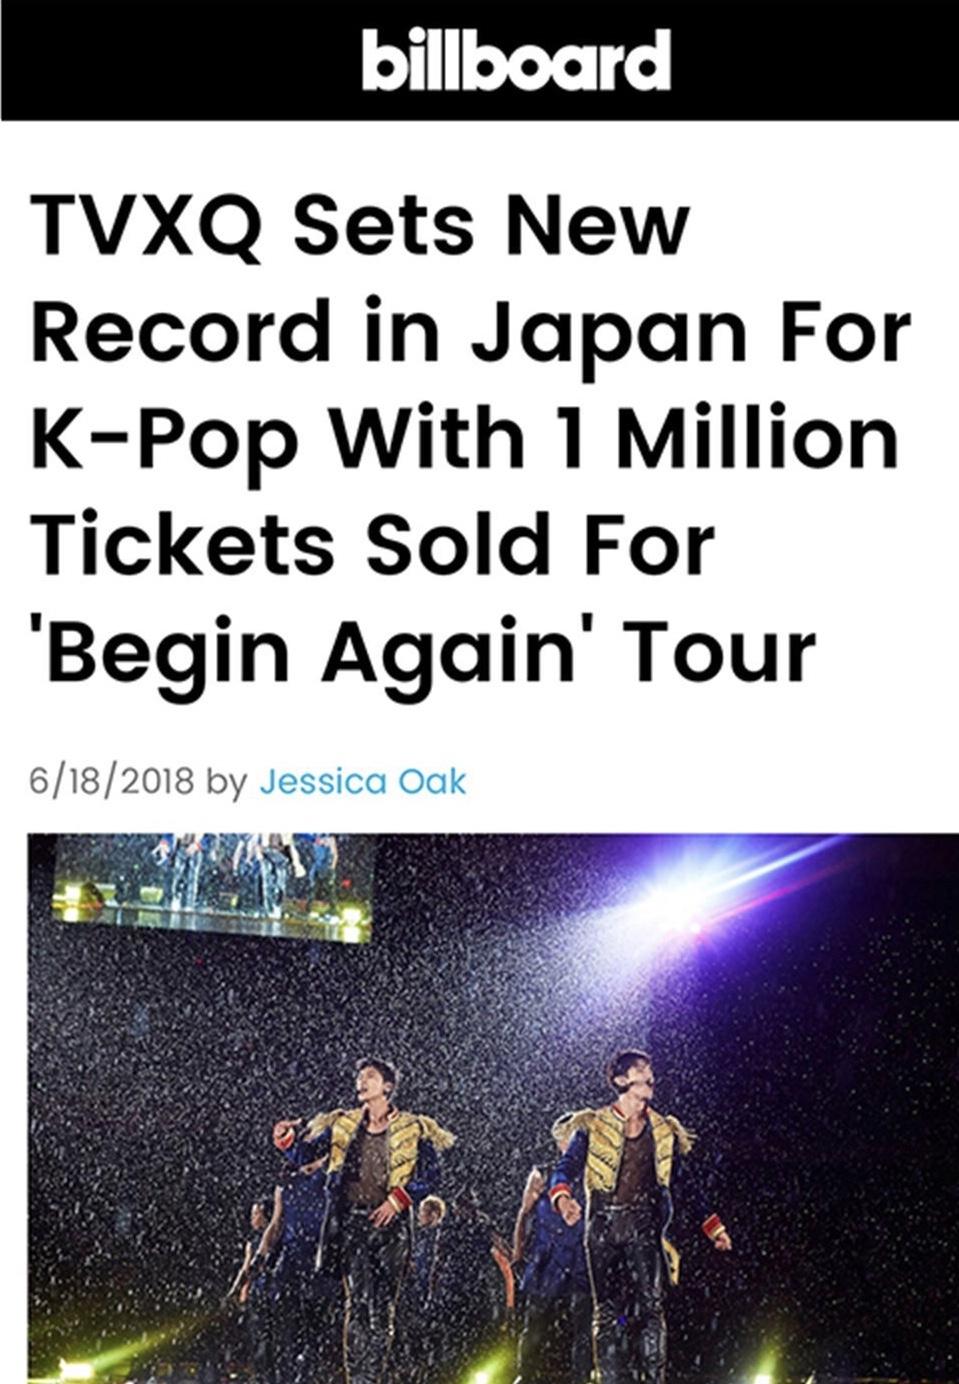 TVXQ record en Japón por más de 1 millón de espectadores | Billboard